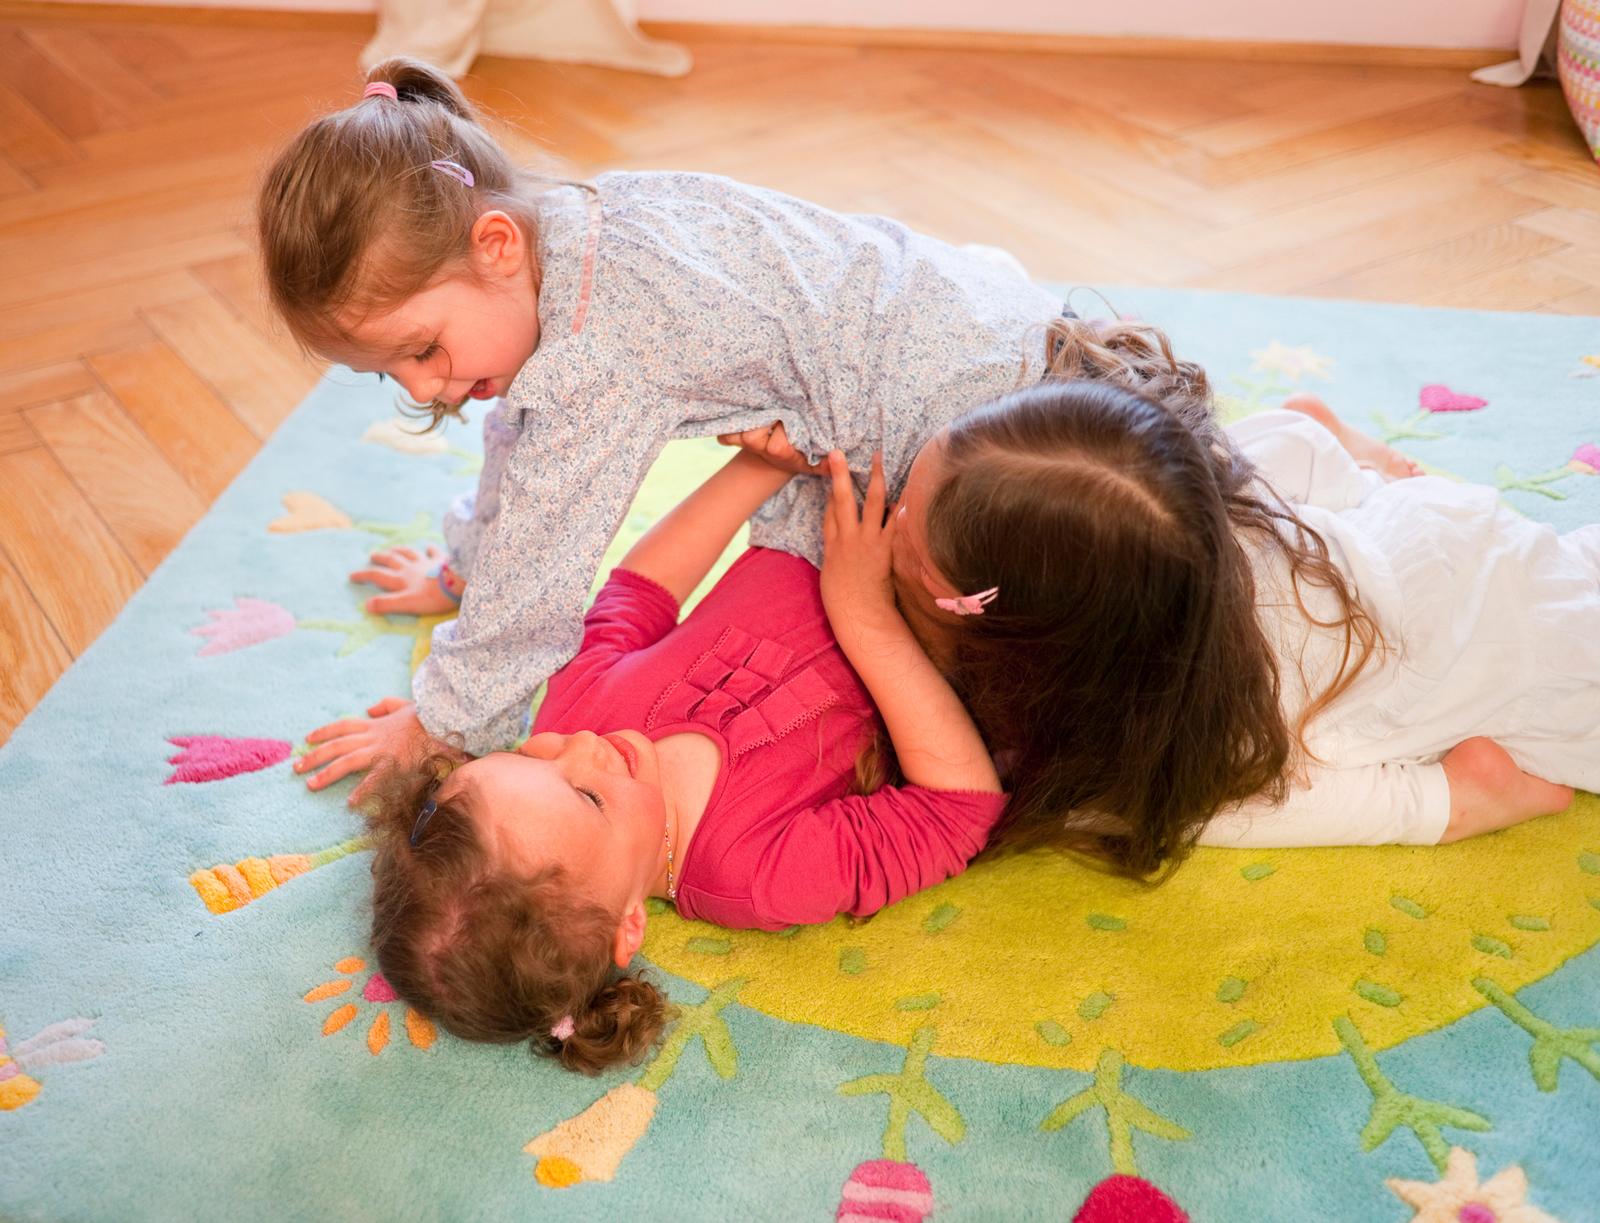 Kinder verbringen viel Zeit am Boden. Ein passender Teppich sorgt deshalb für mehr Gemütlichkeit.